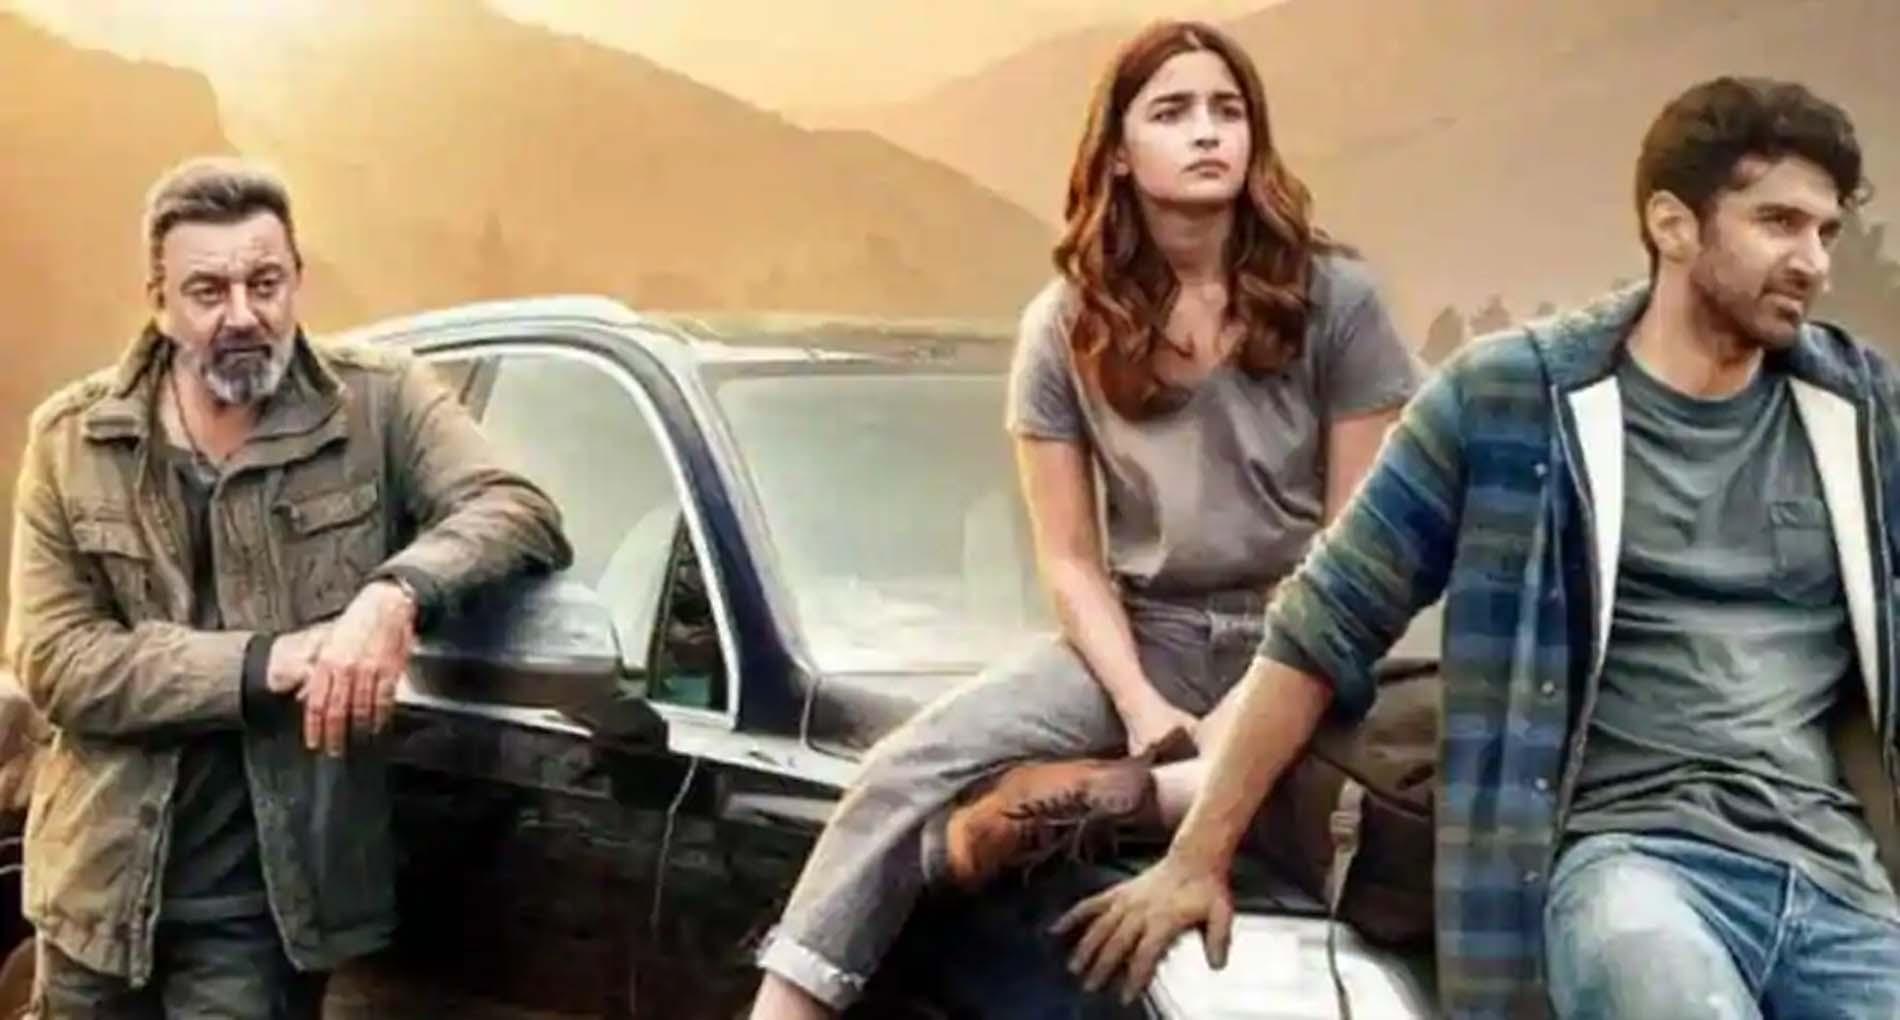 डिसलाइक के बाद 'सड़क 2' ने बना डाला एक और रिकॉर्ड, बनी अब तक की सबसे खराब रेटिंग वाली फिल्म!